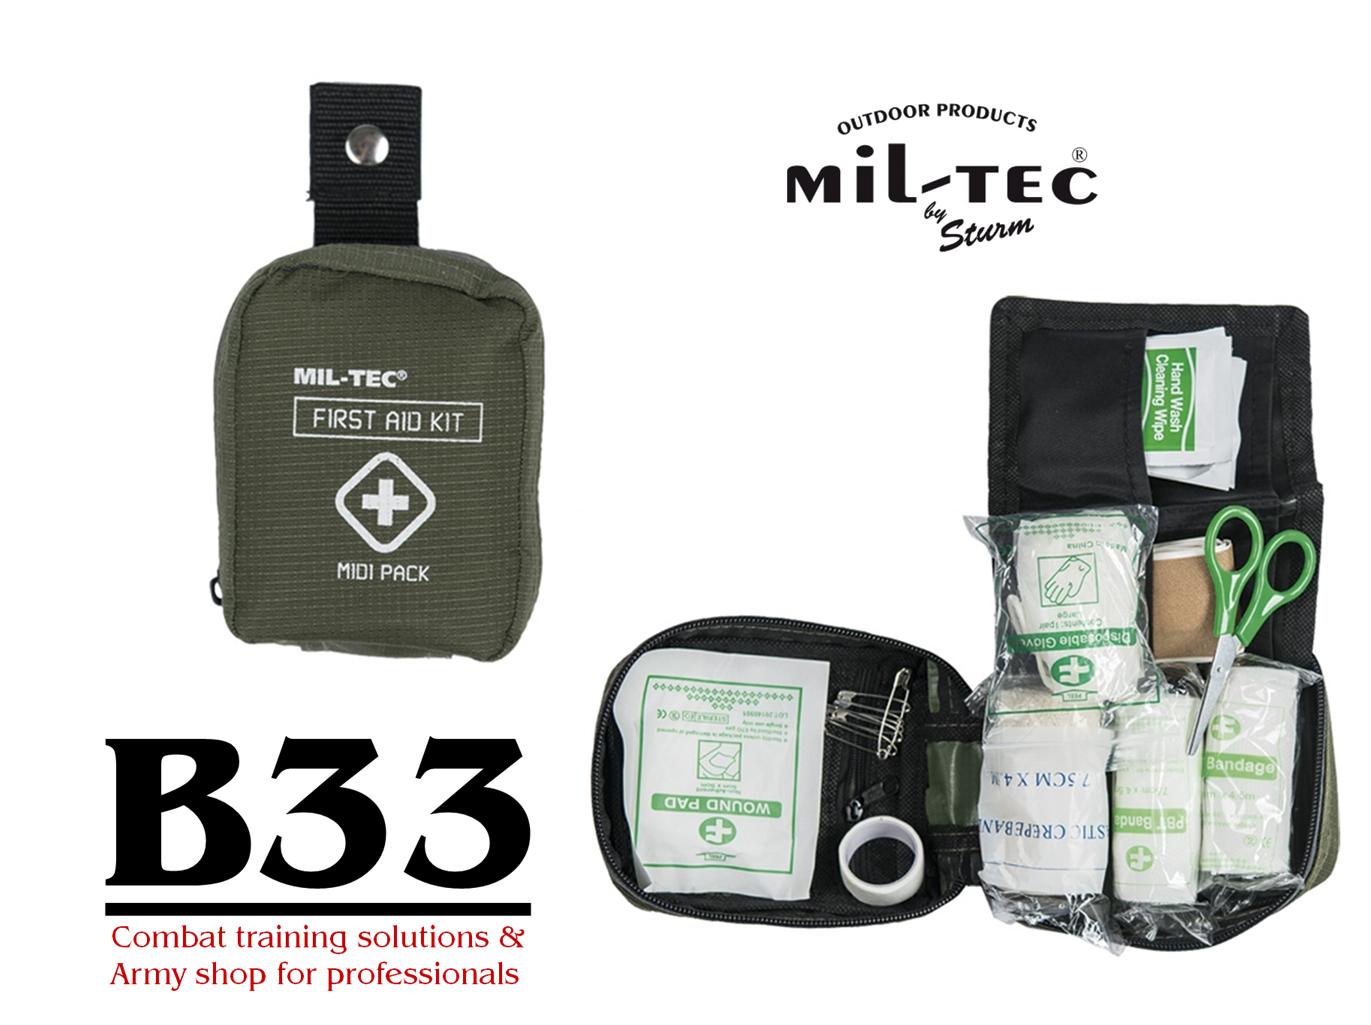 B33 army shop torbica za okoli pasu prva pomoč at www.opremljen.si